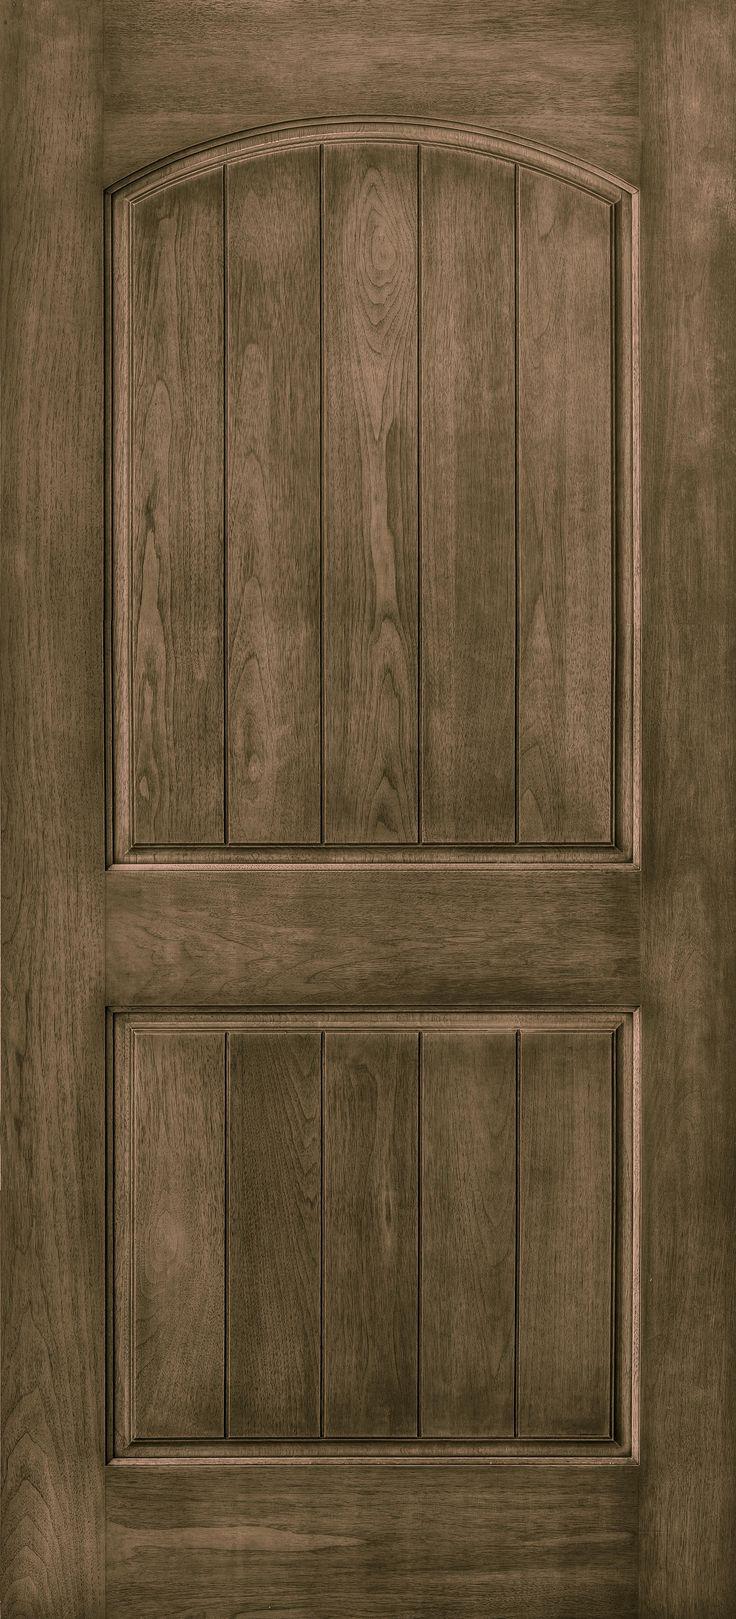 15 best Front Door images on Pinterest | Entrance doors ...